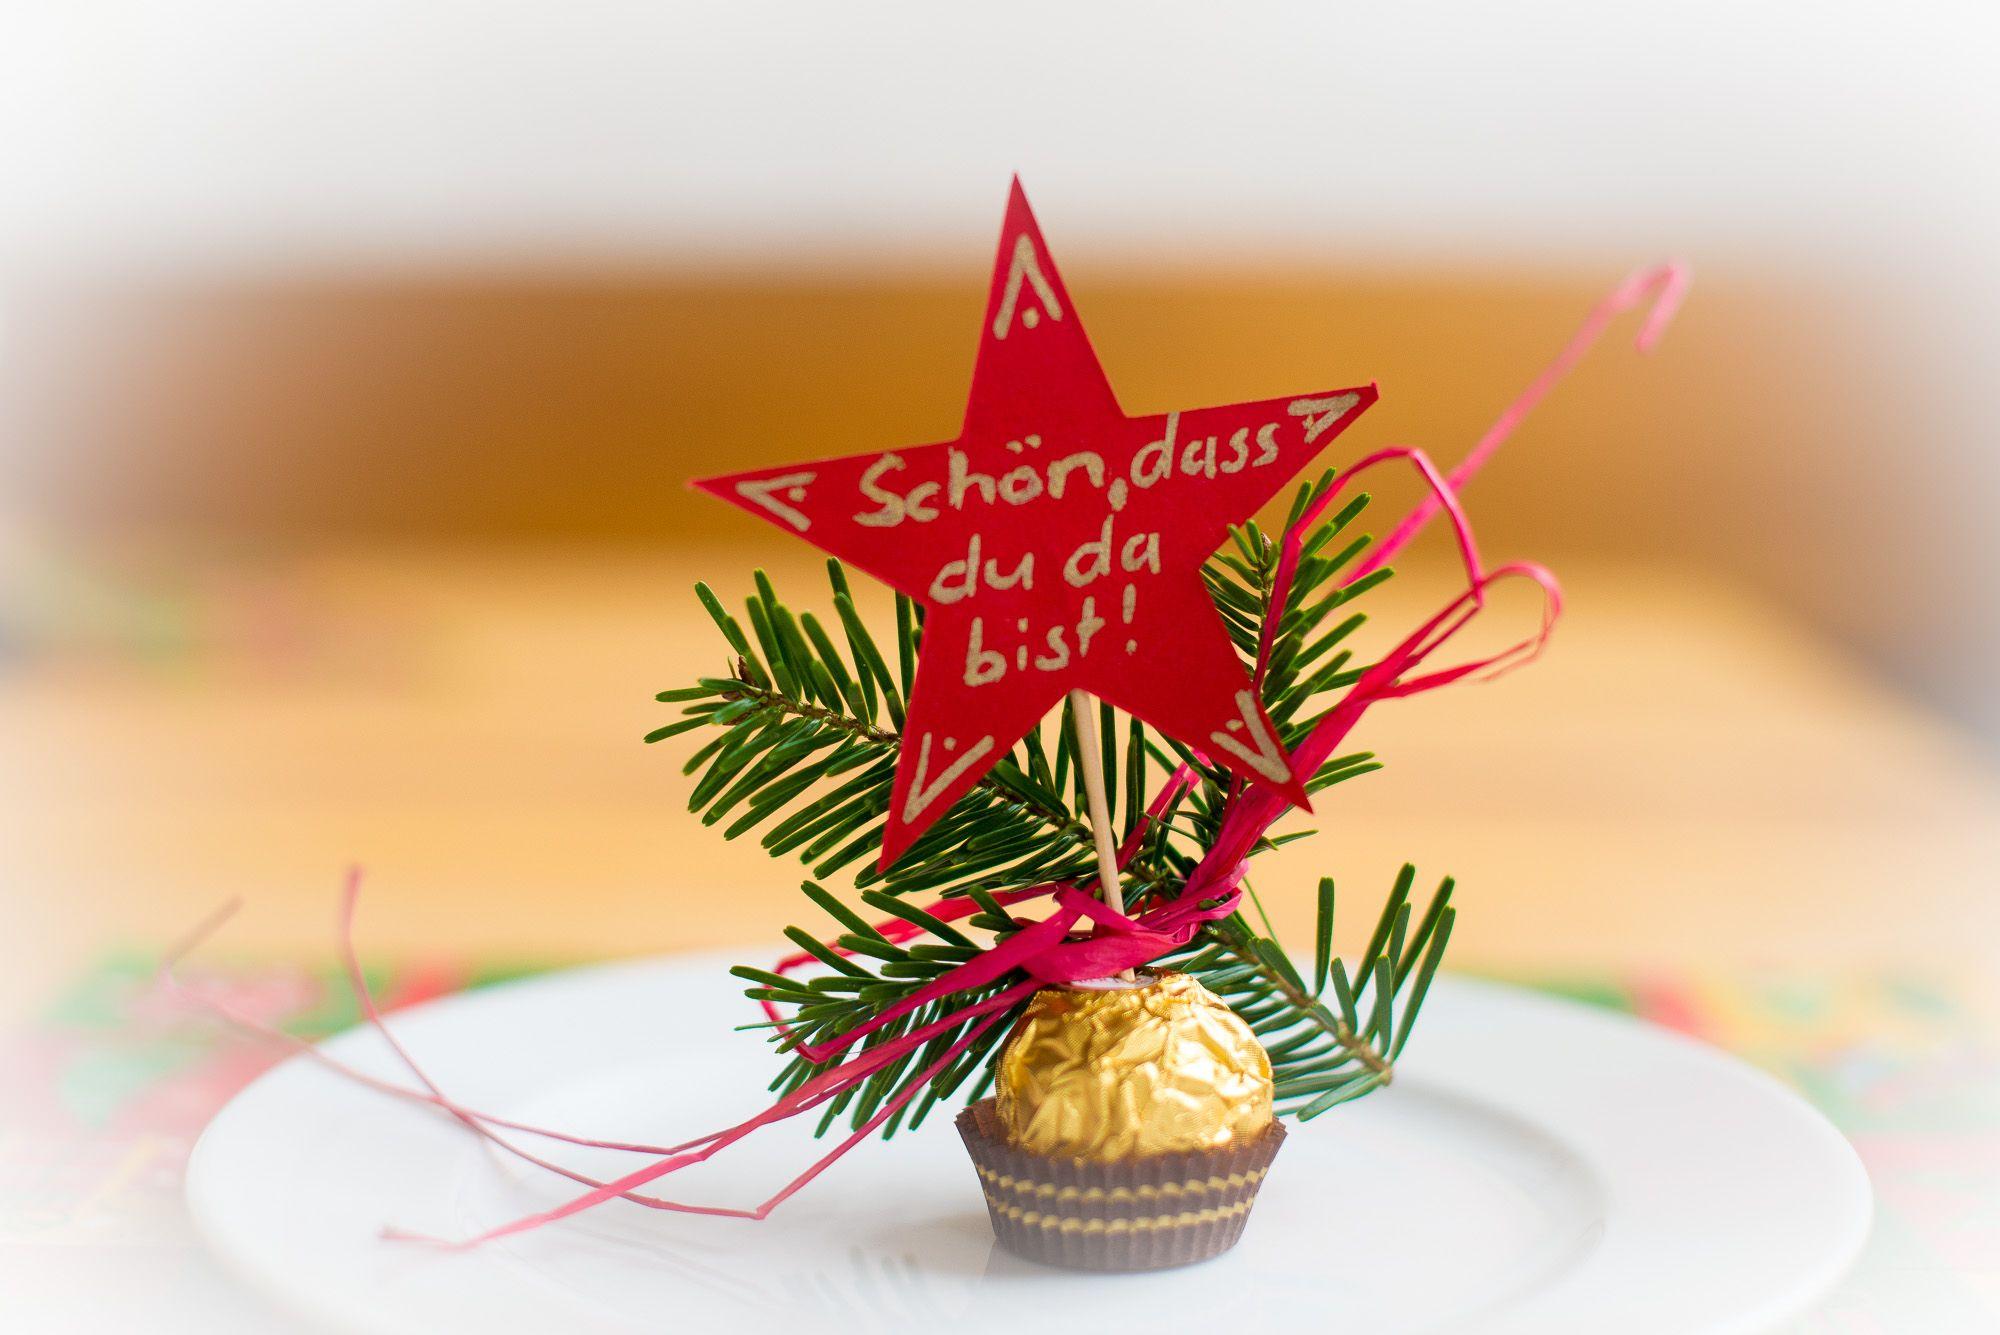 DIY Tischdeko Advent Weihnachten Frhstck Homemade